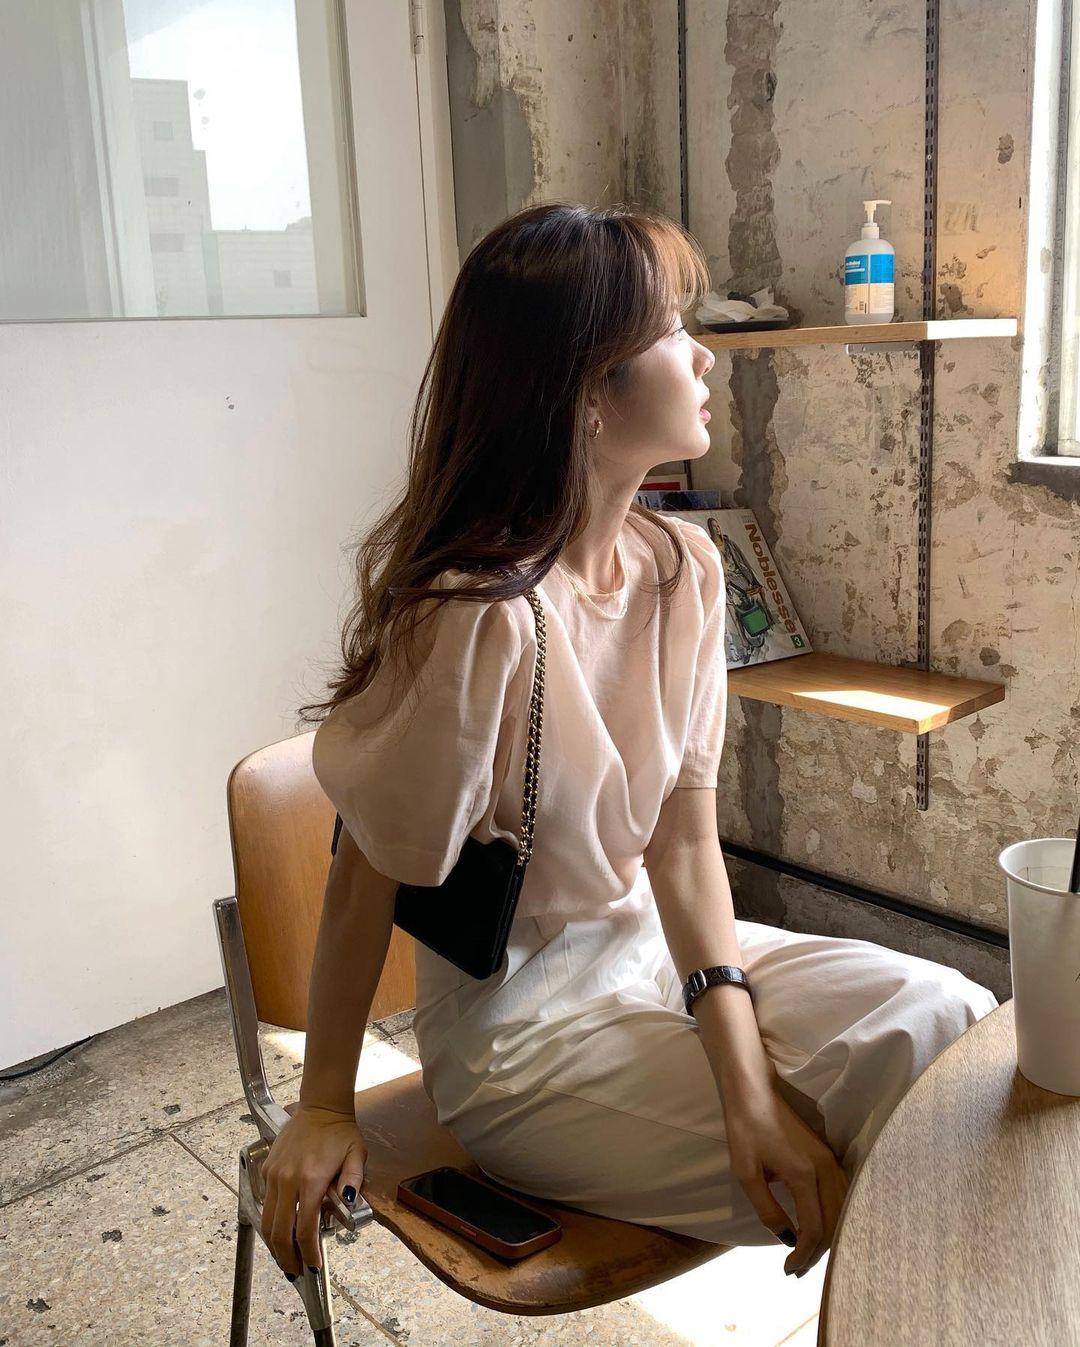 Cải thiện tình trạng tóc rụng như là mùa Thu với 4 tips không tốn một xu từ bác sĩ Hàn Quốc - Ảnh 1.